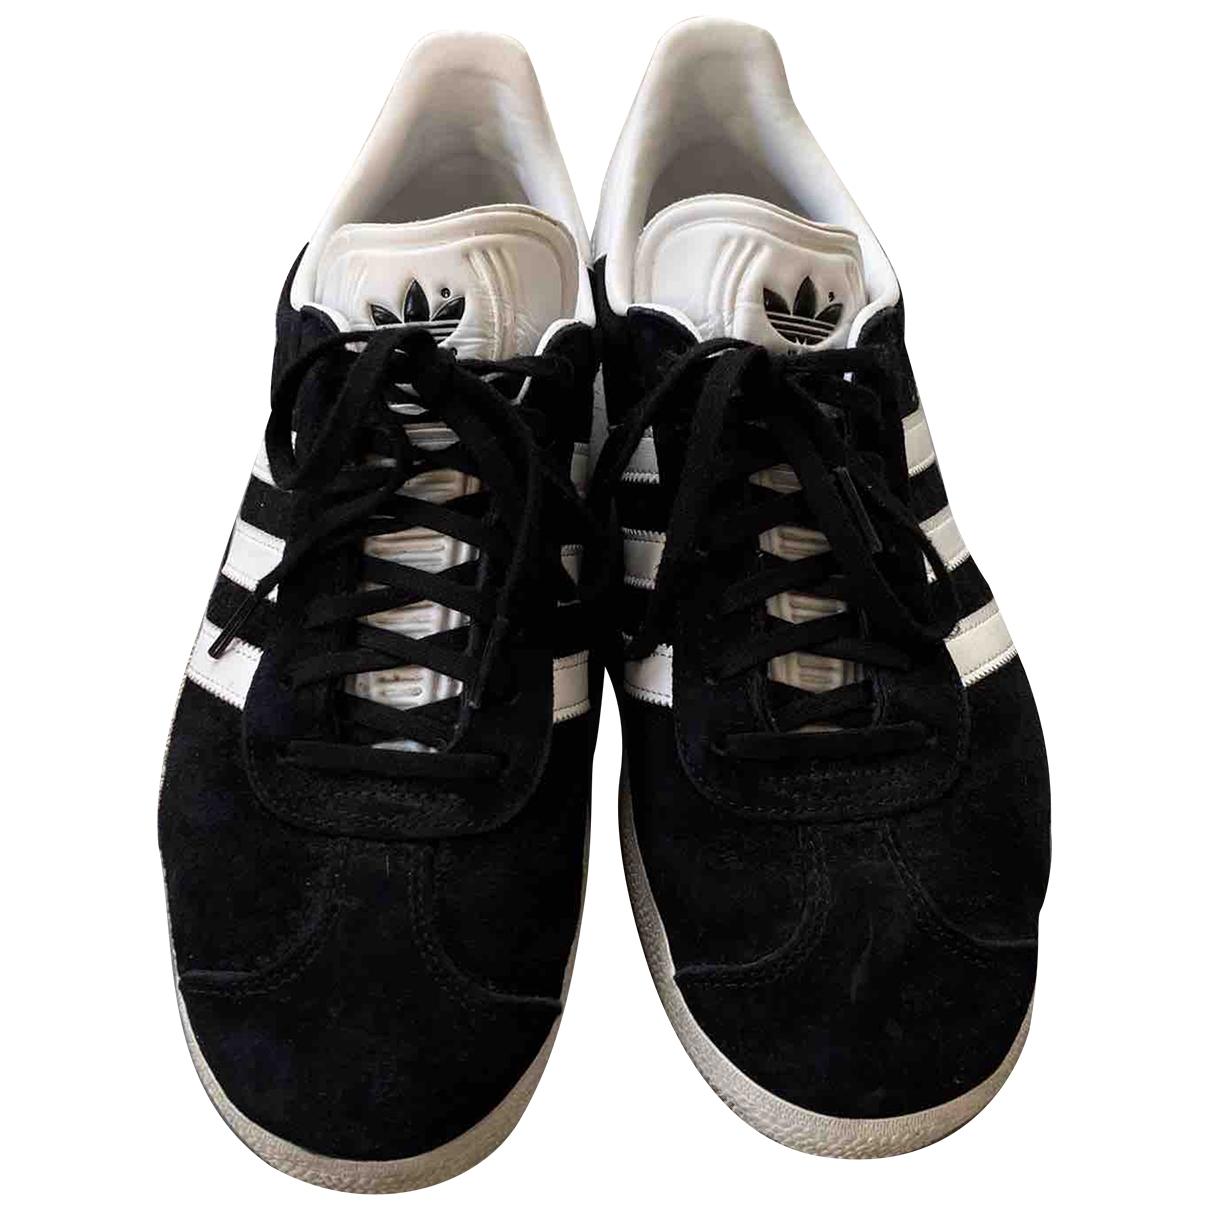 Adidas - Baskets Gazelle pour homme en suede - noir